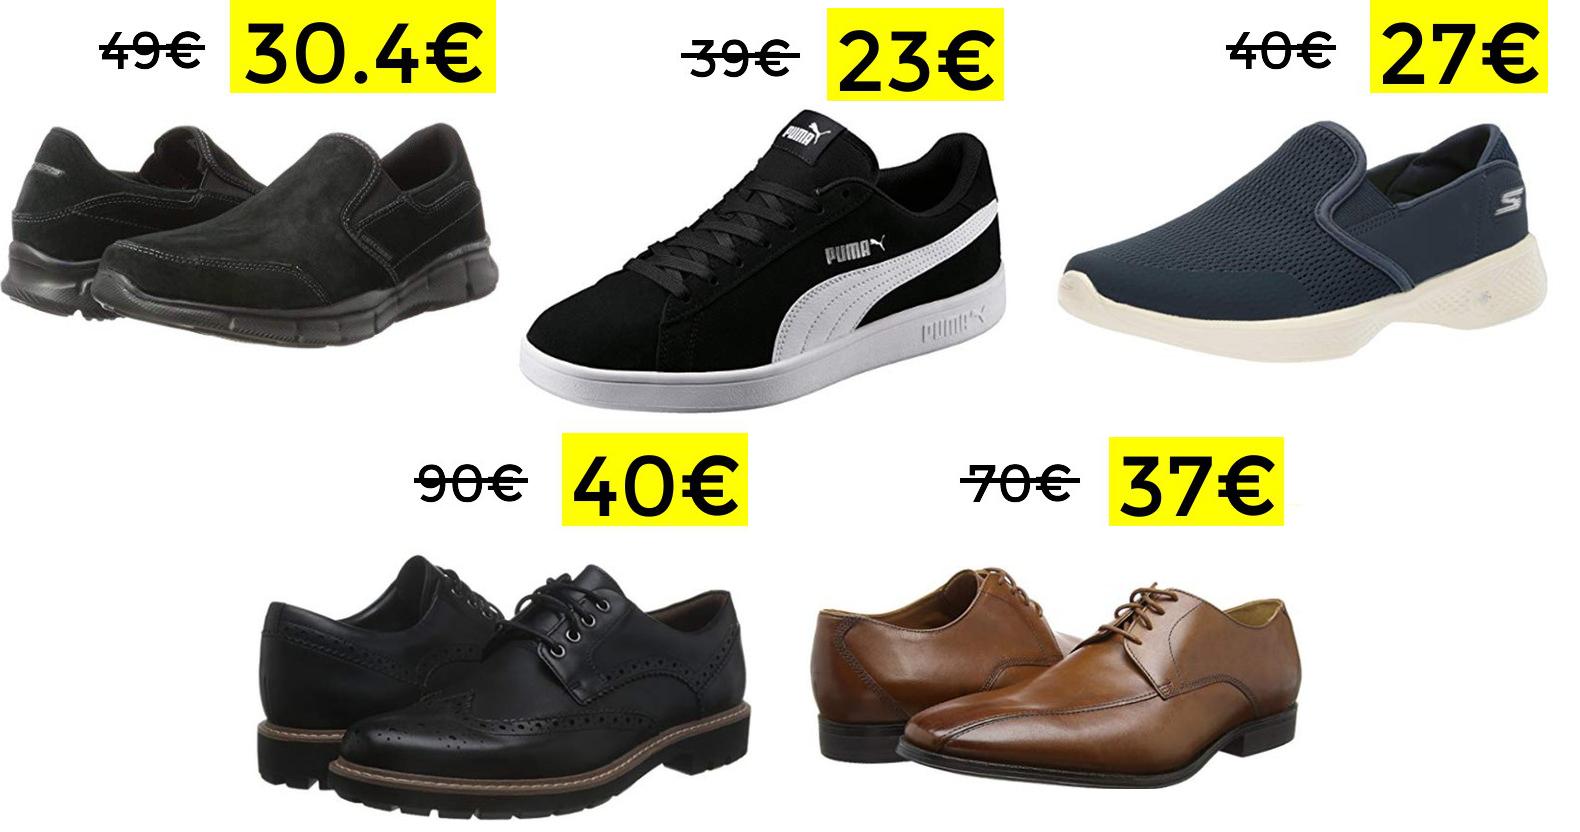 Preciazos en calzado con hasta un 60% de descuento